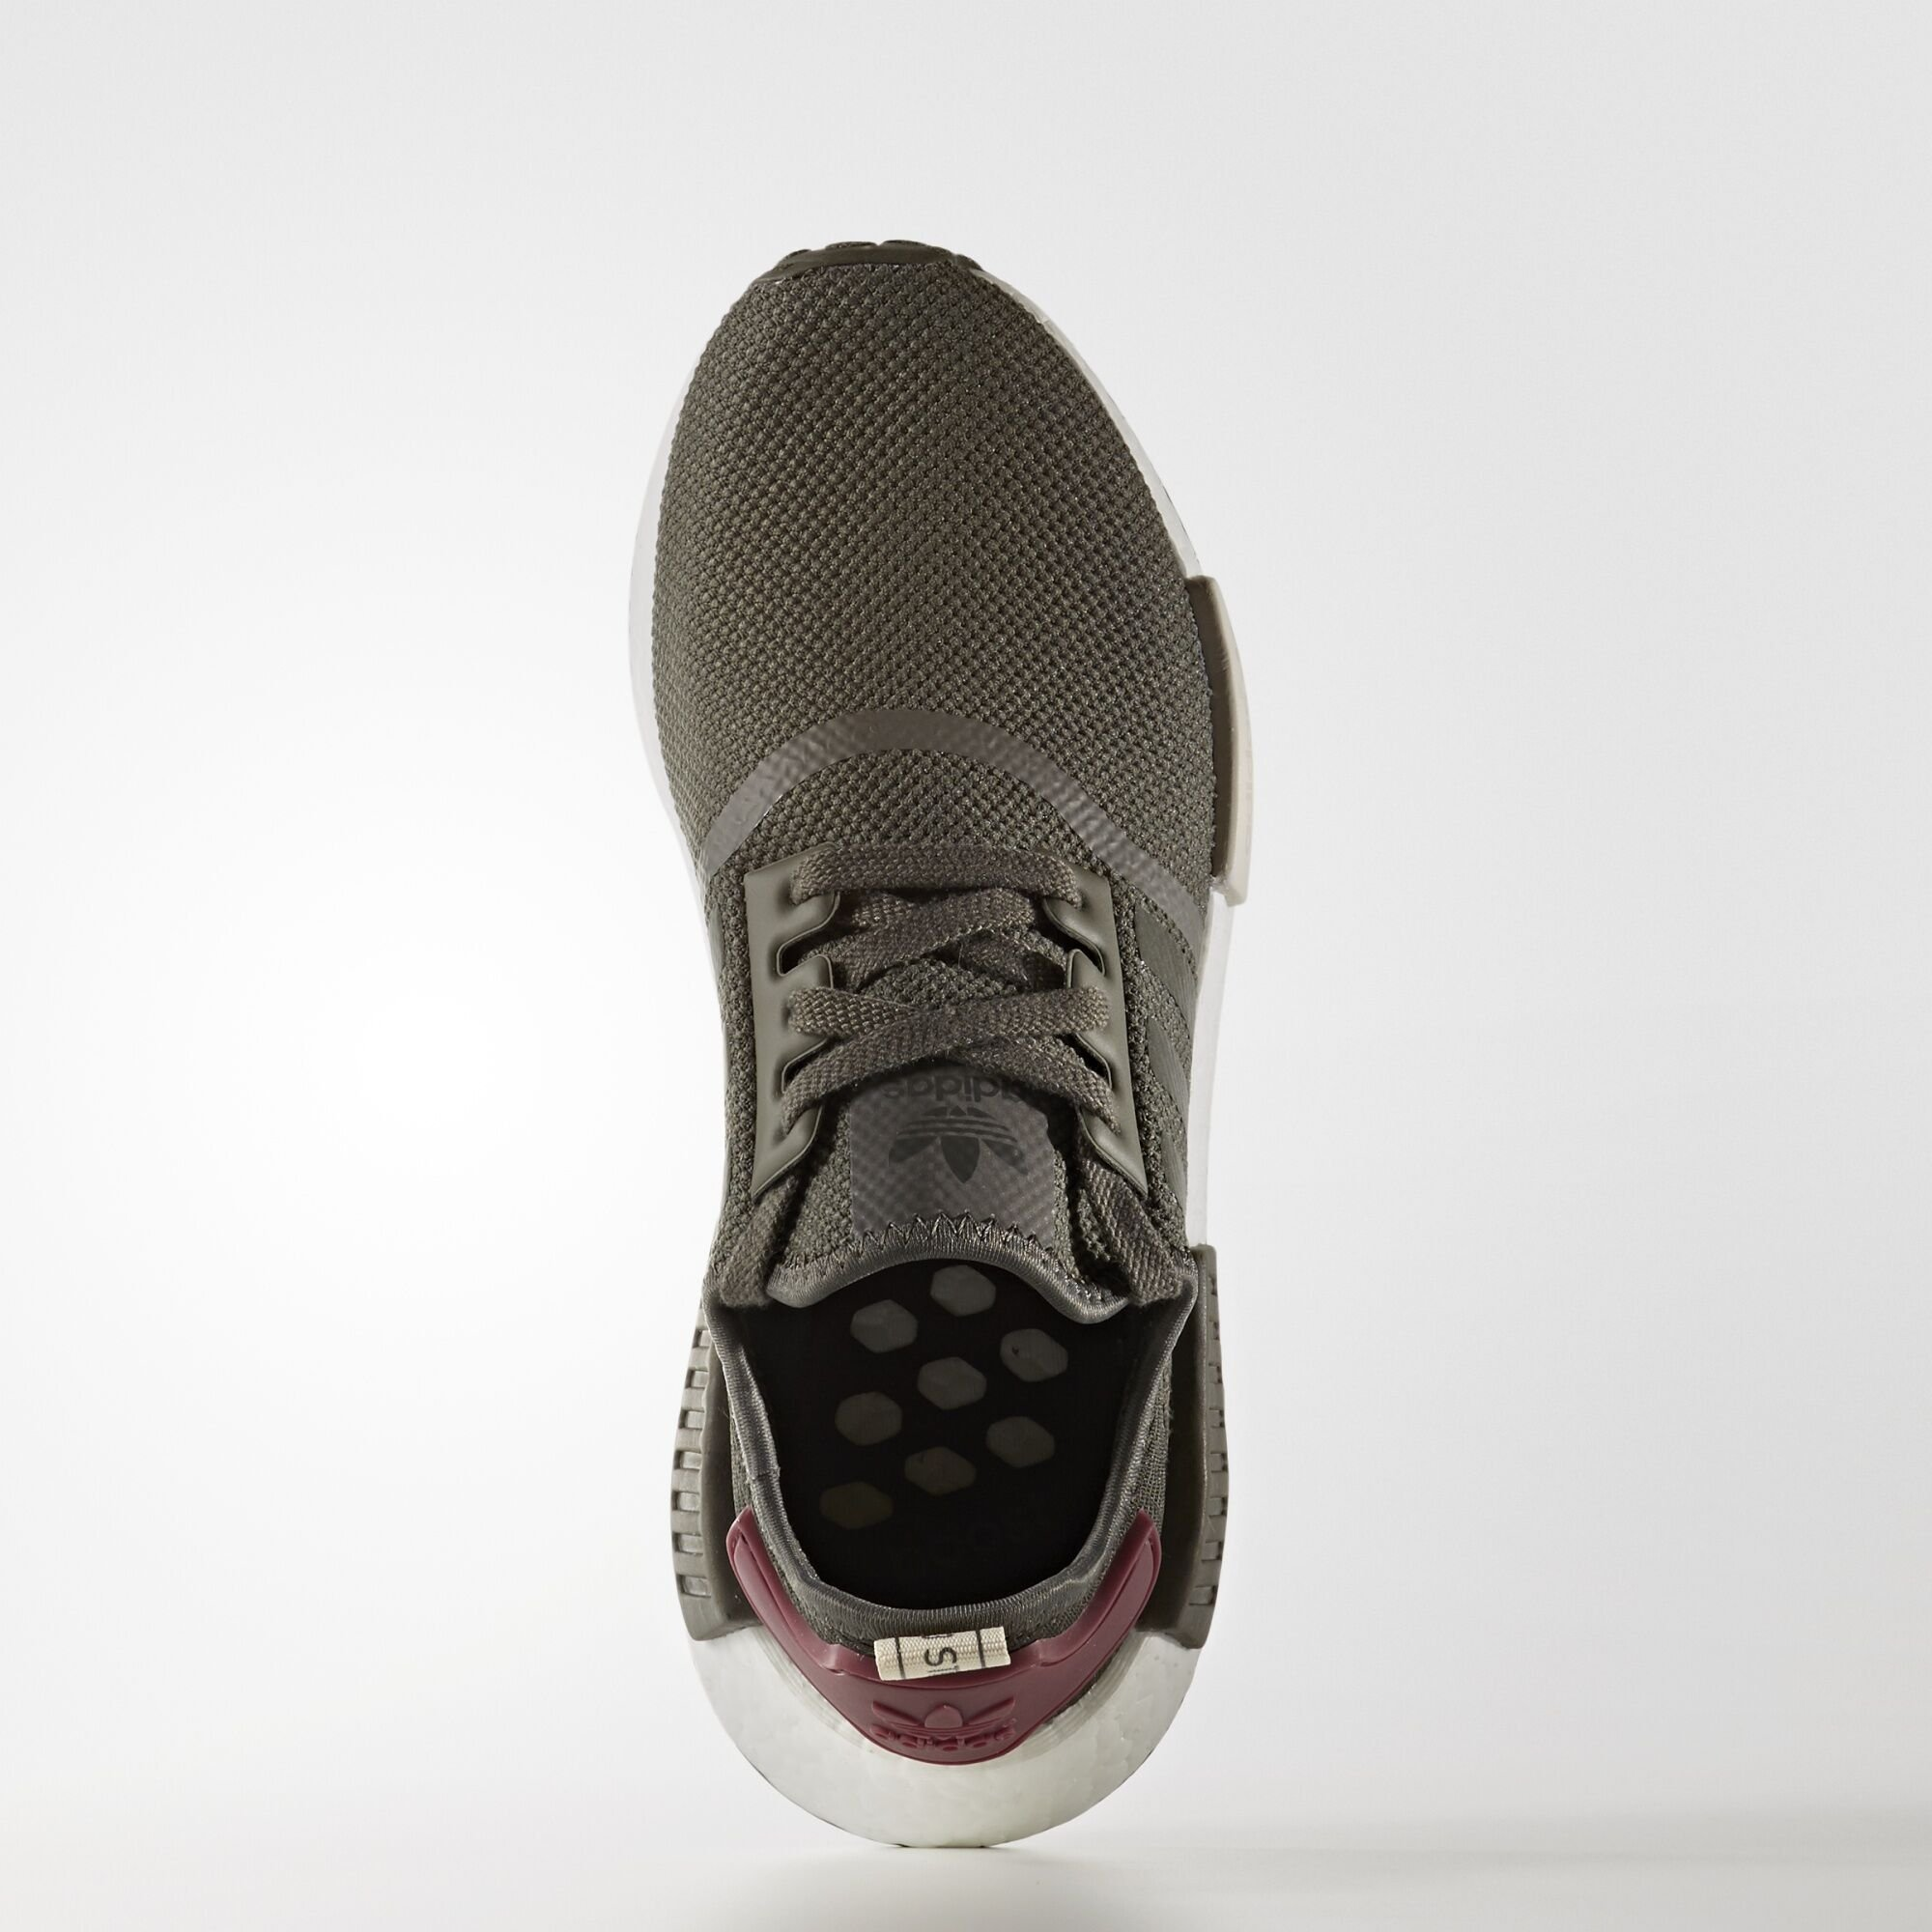 adidas  NMD R1 Ultility Grey (W) (BA7752)